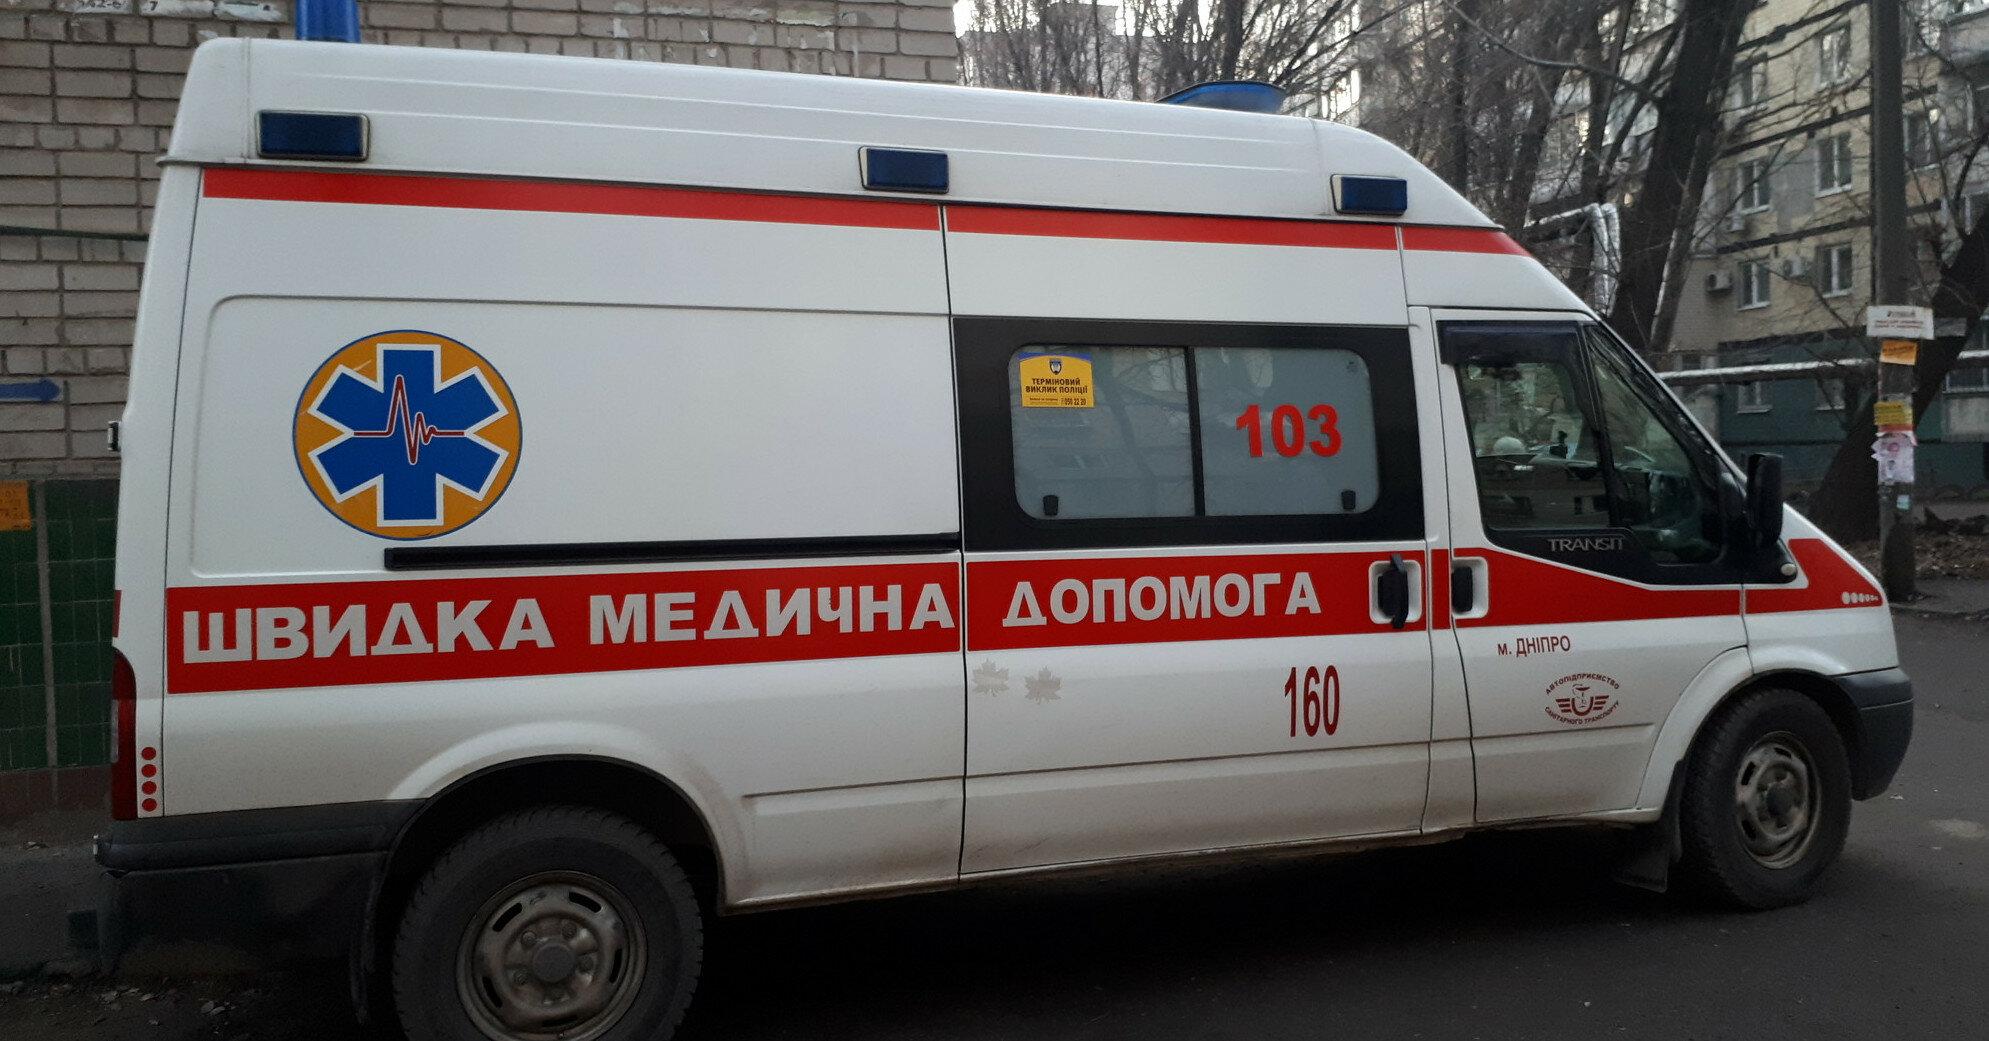 Во Львове выпала из окна чемпионка Украины по пауэрлифтингу